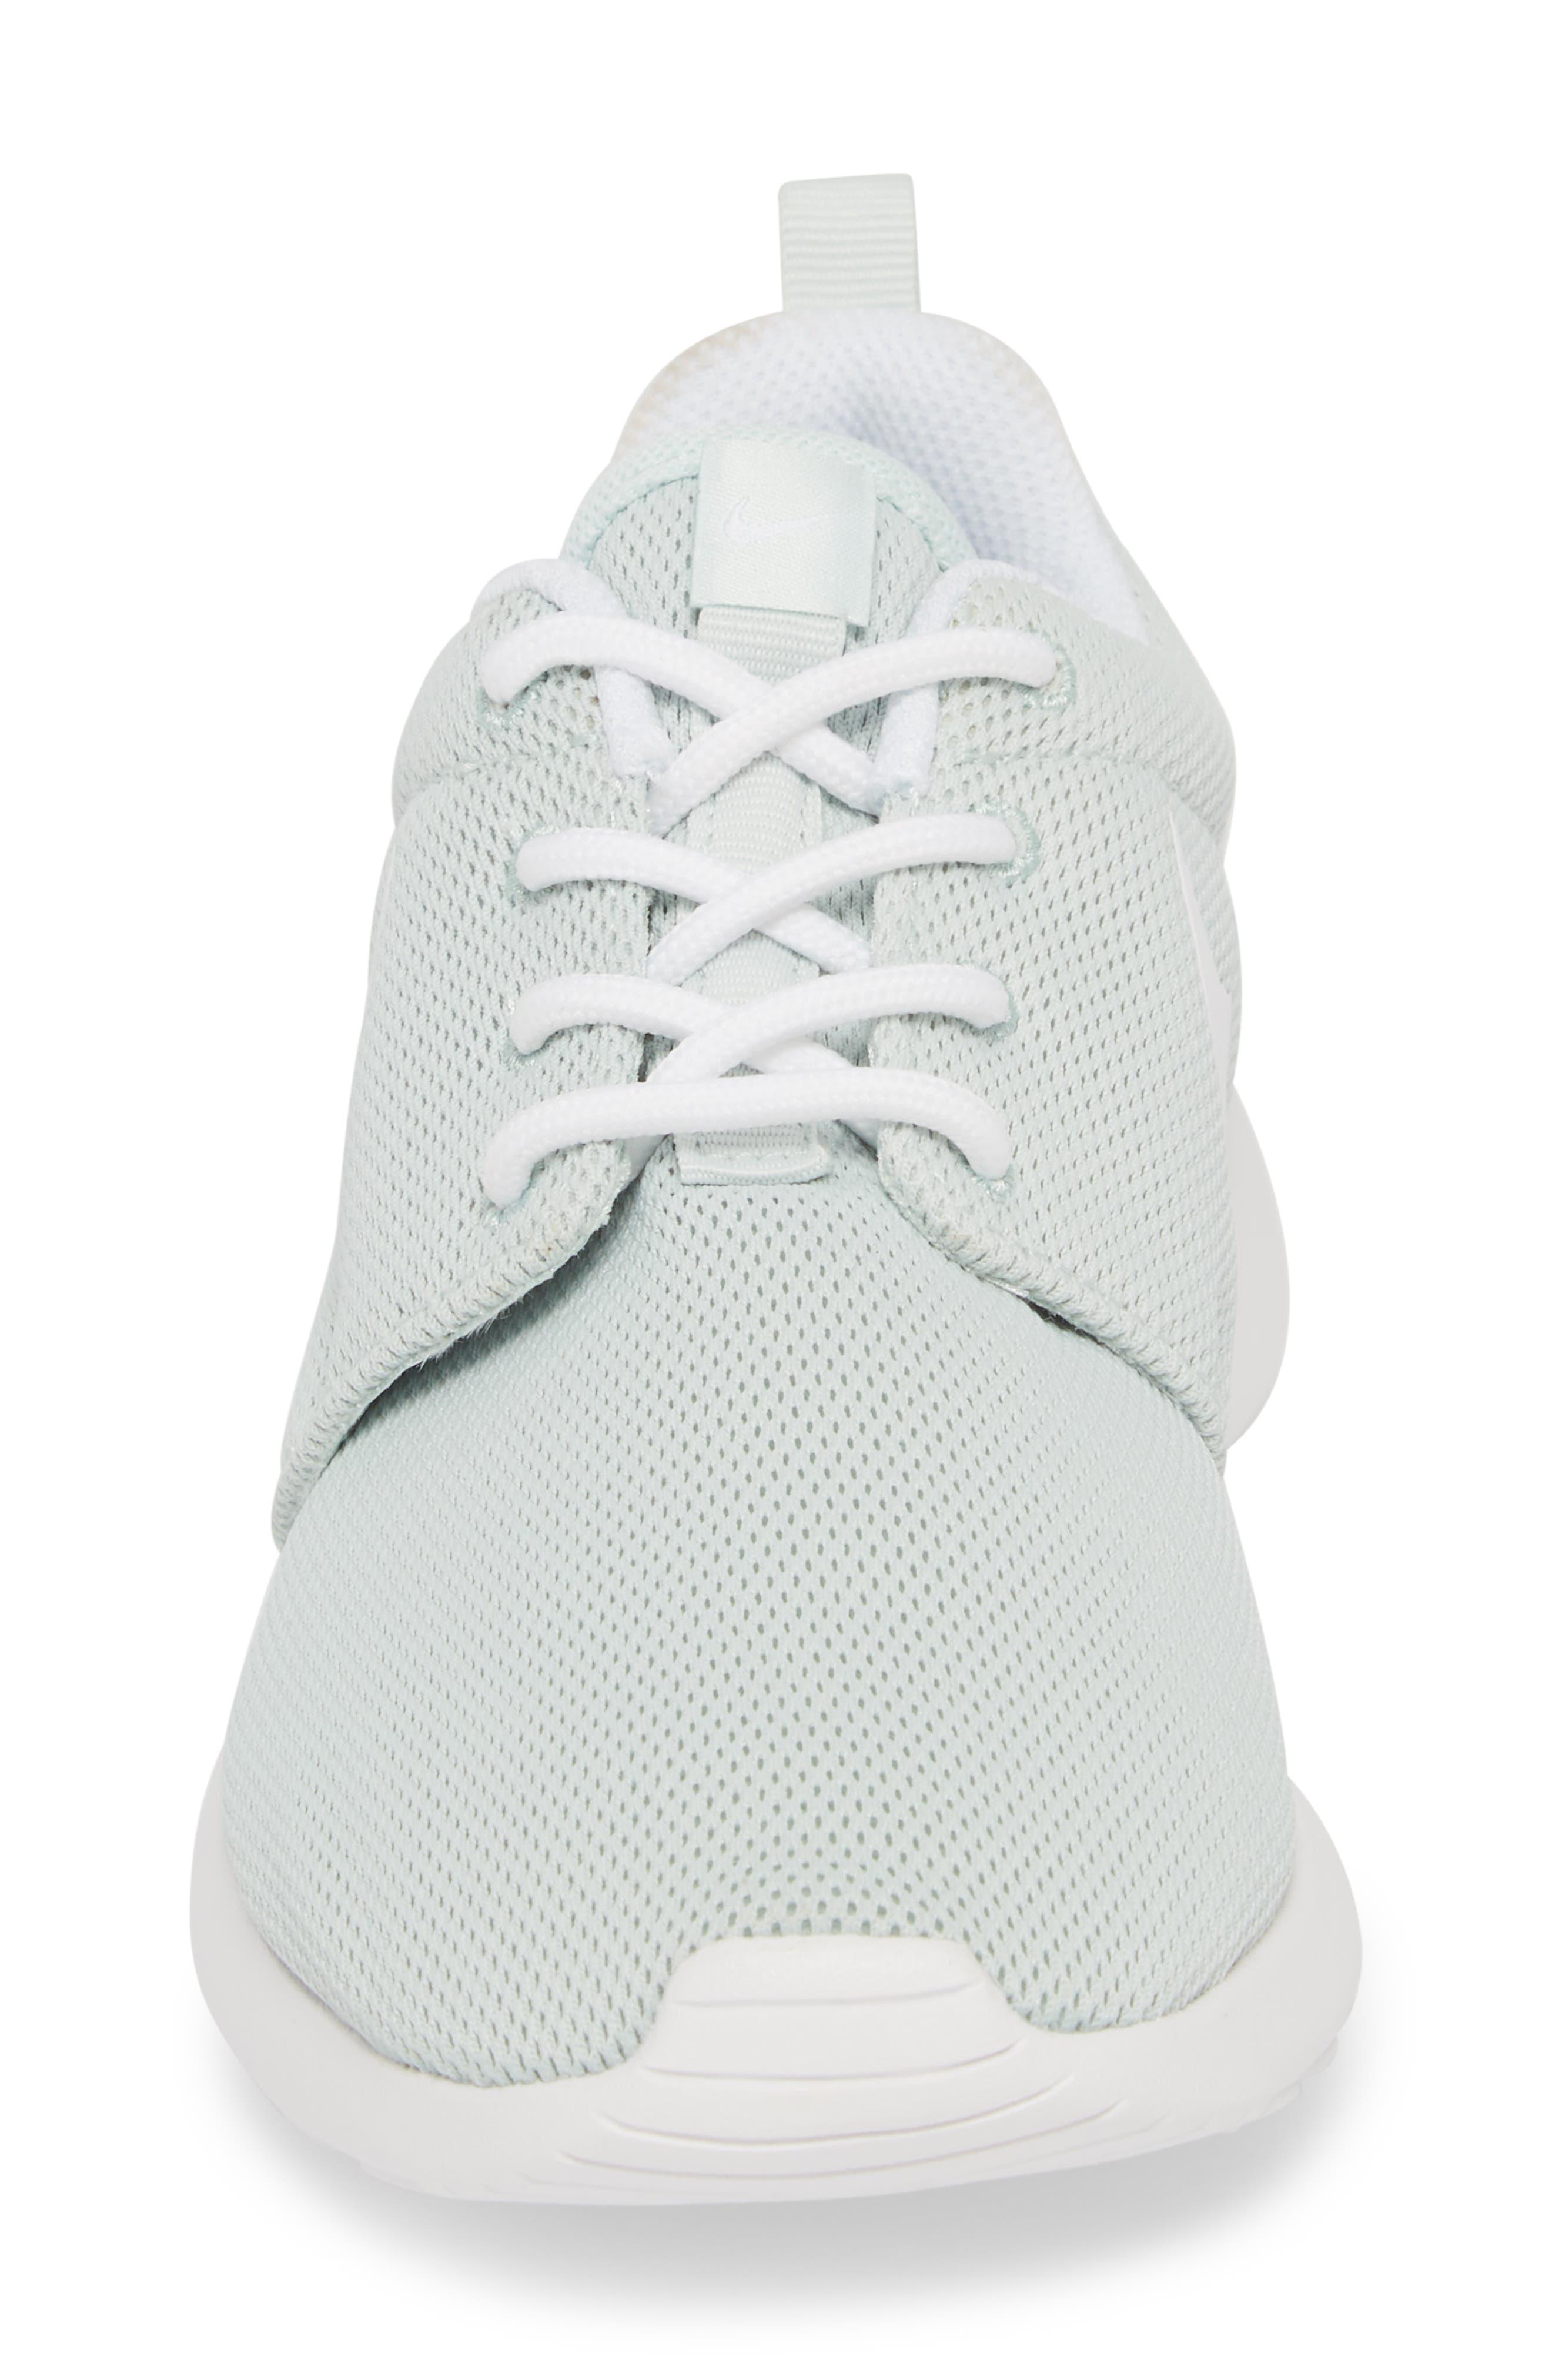 NIKE,                             'Roshe One' Sneaker,                             Alternate thumbnail 4, color,                             303